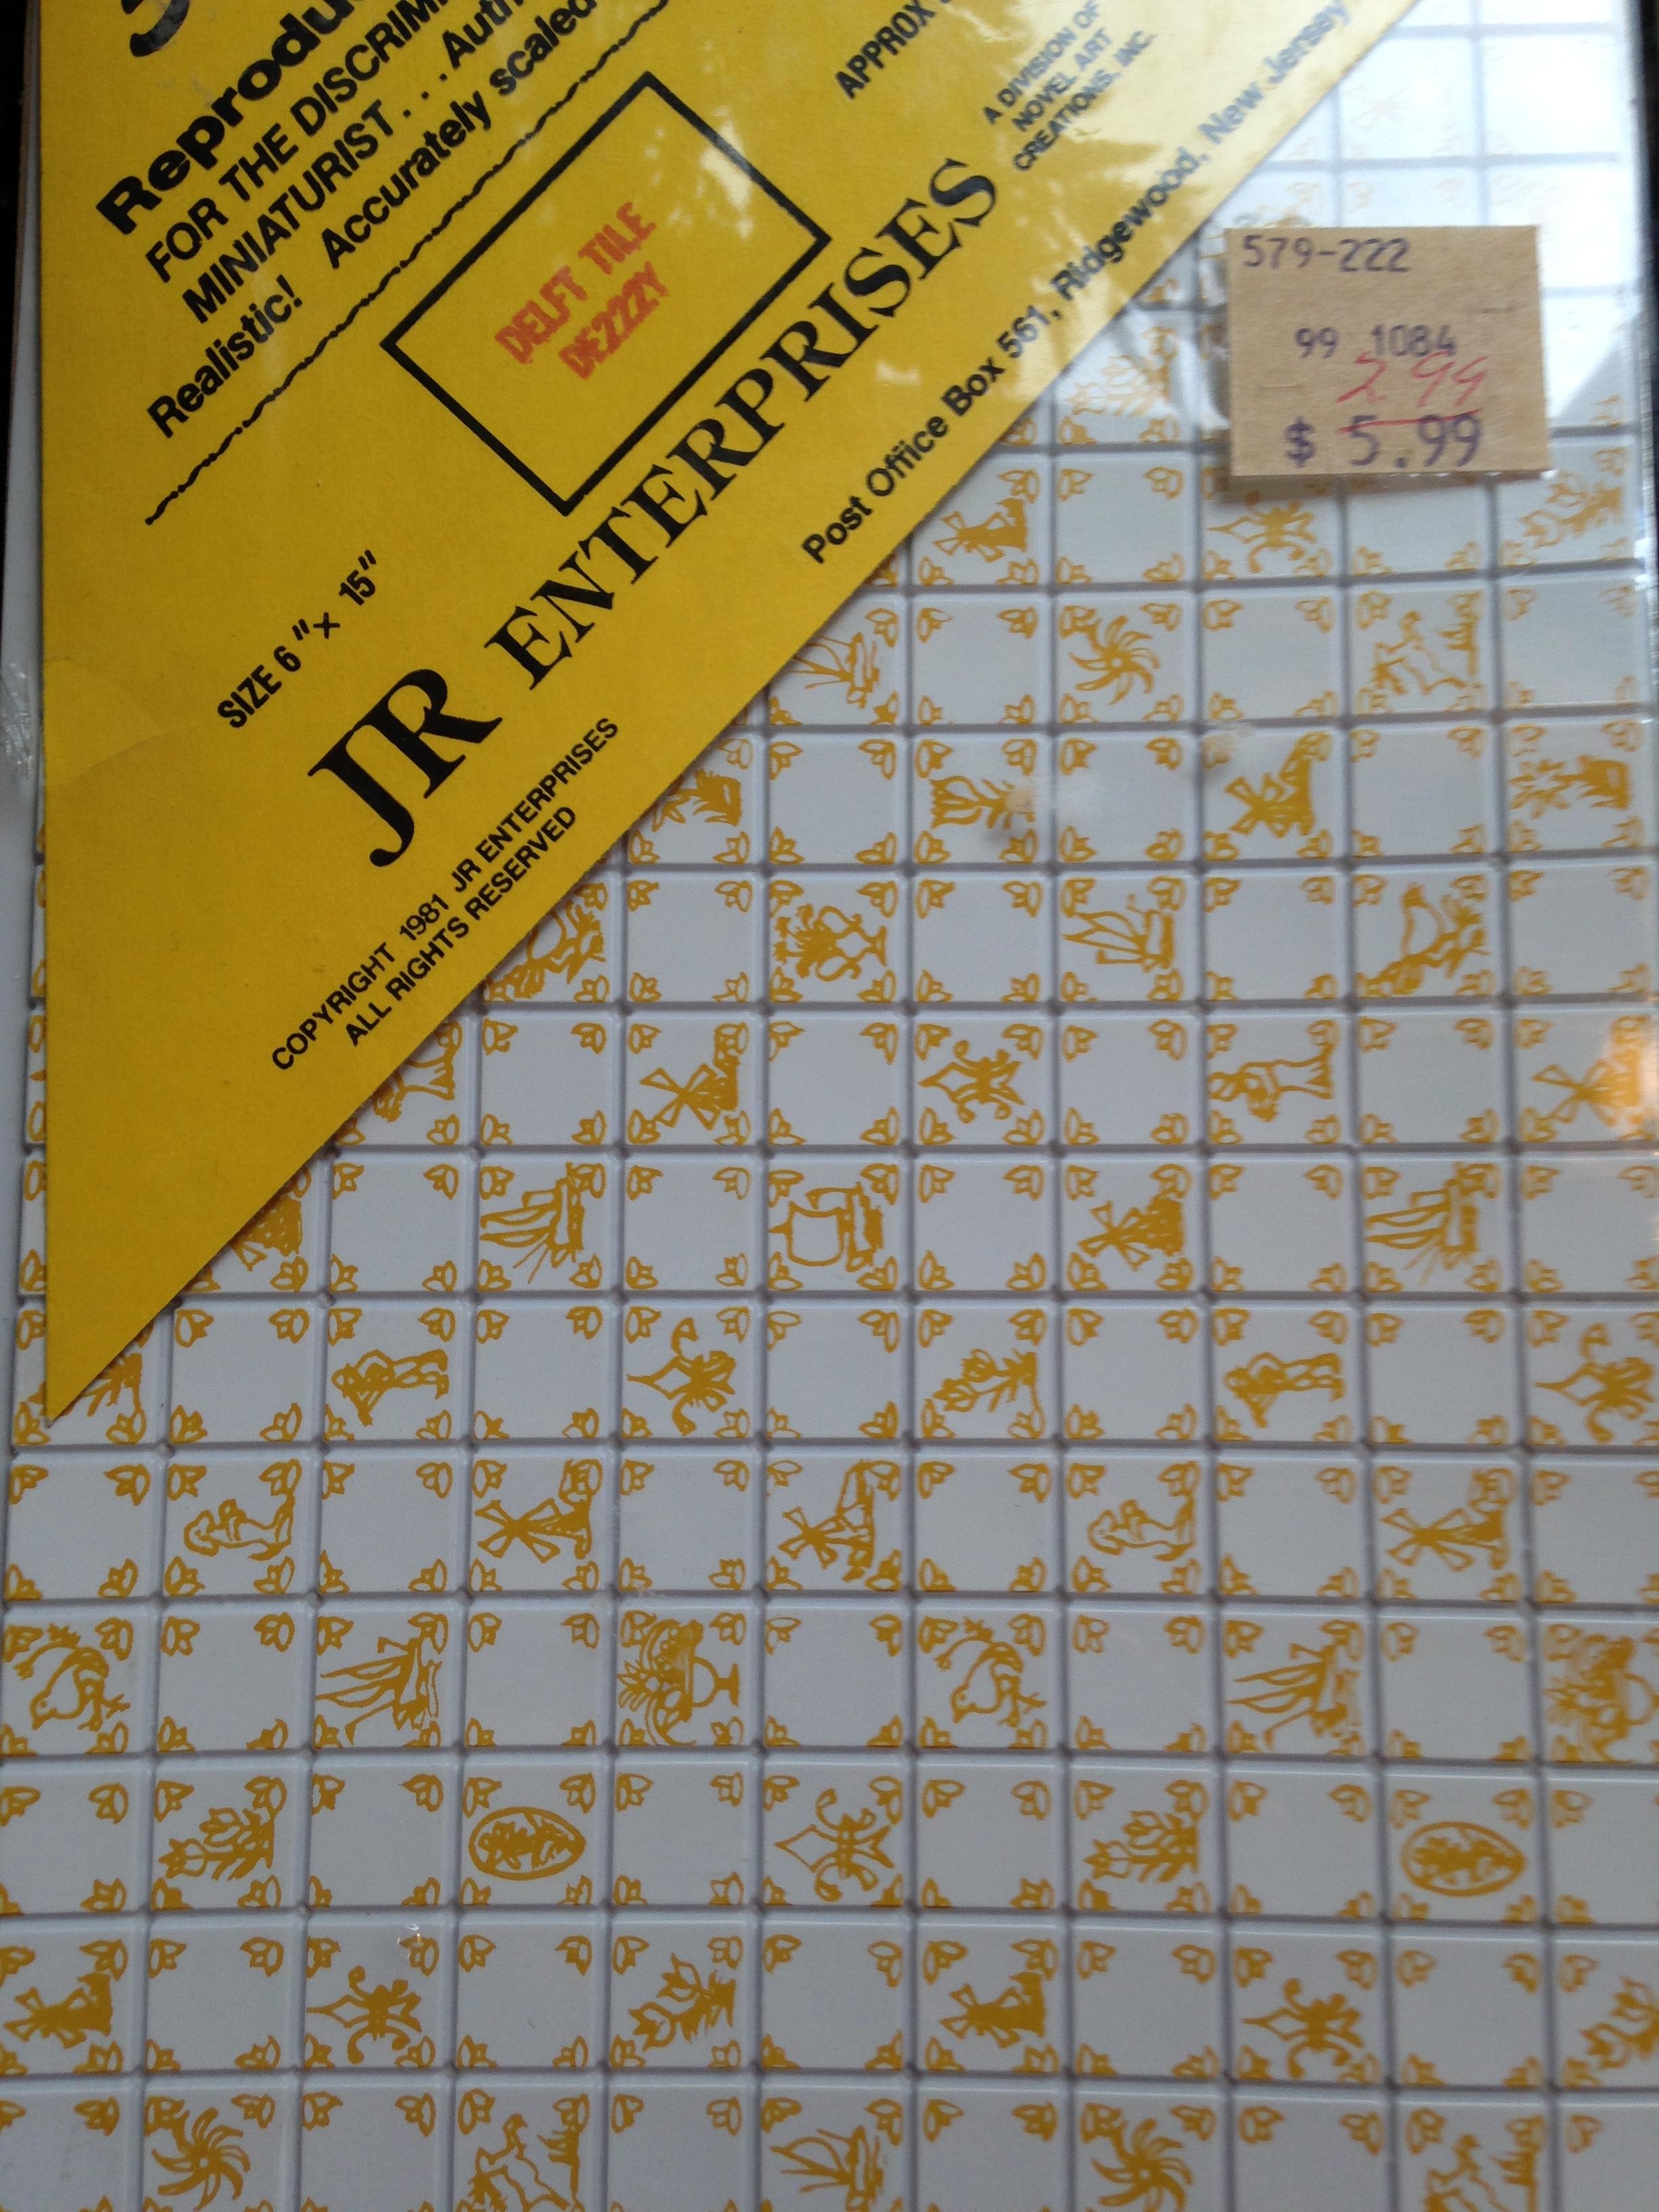 Bathroom Tile Floor General Mini Talk The Greenleaf Miniature